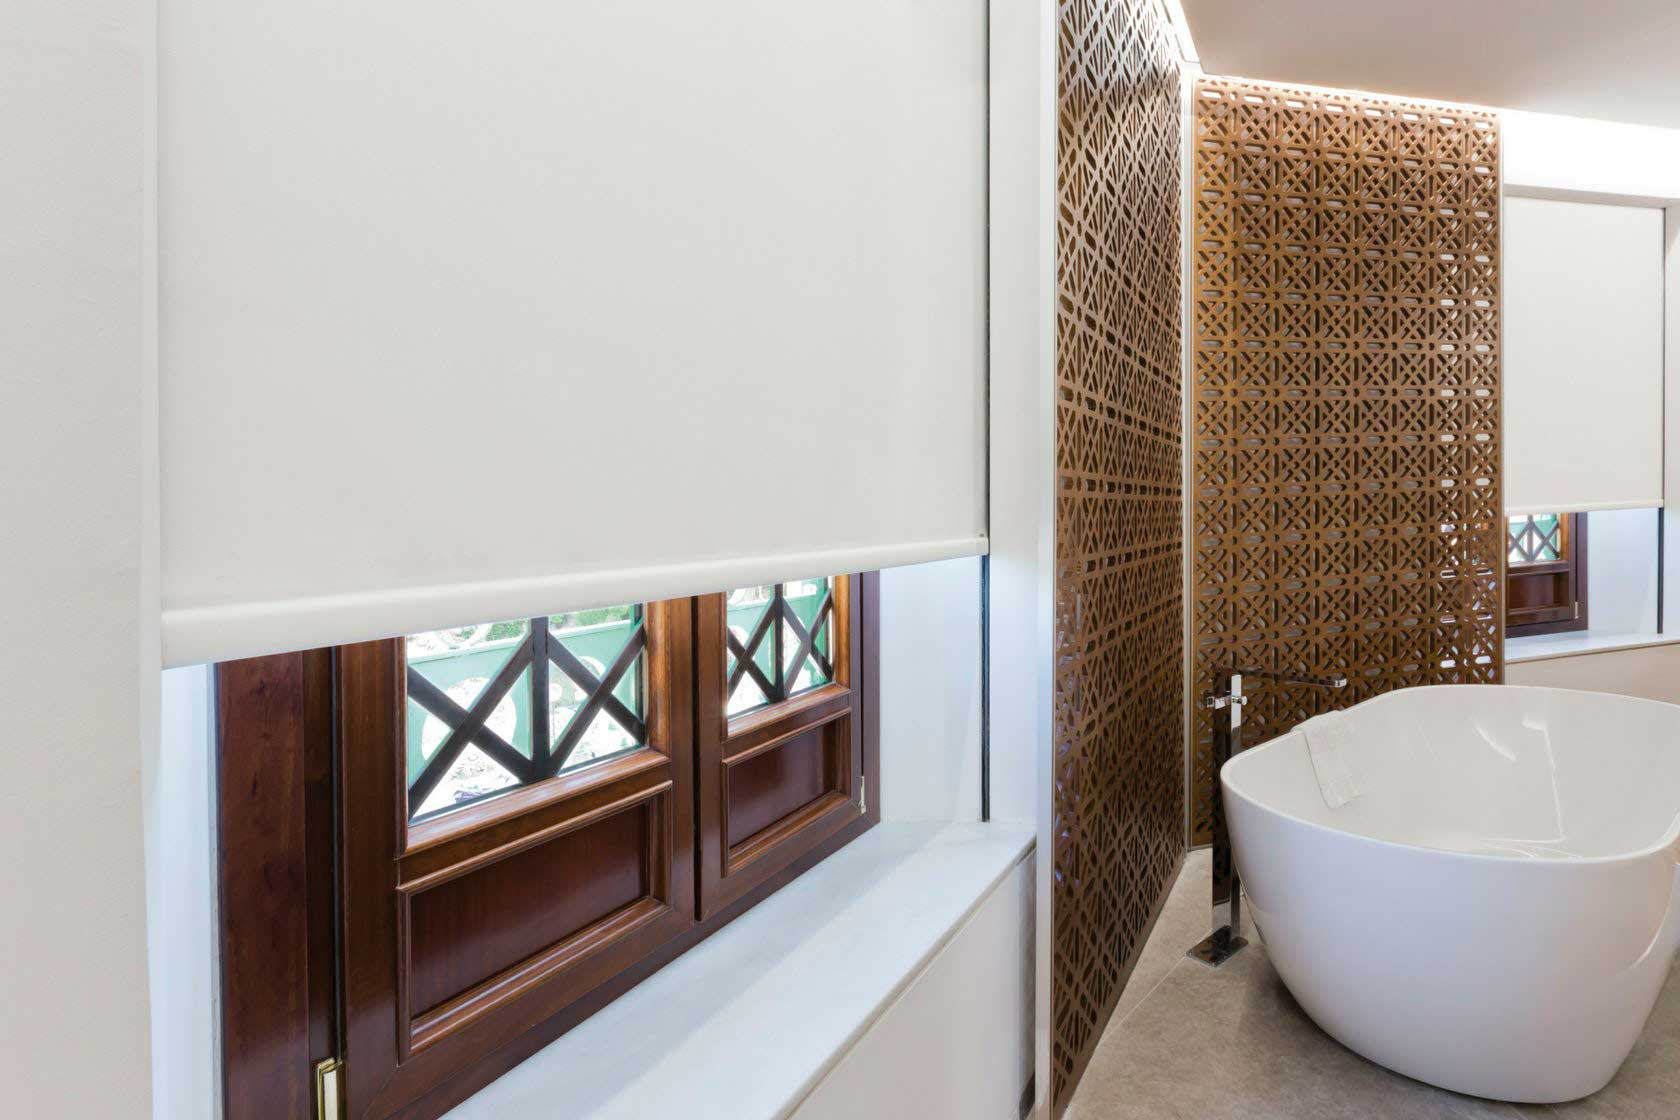 Detalle del estor enrollable en la suite del hotel Alhambra Palace